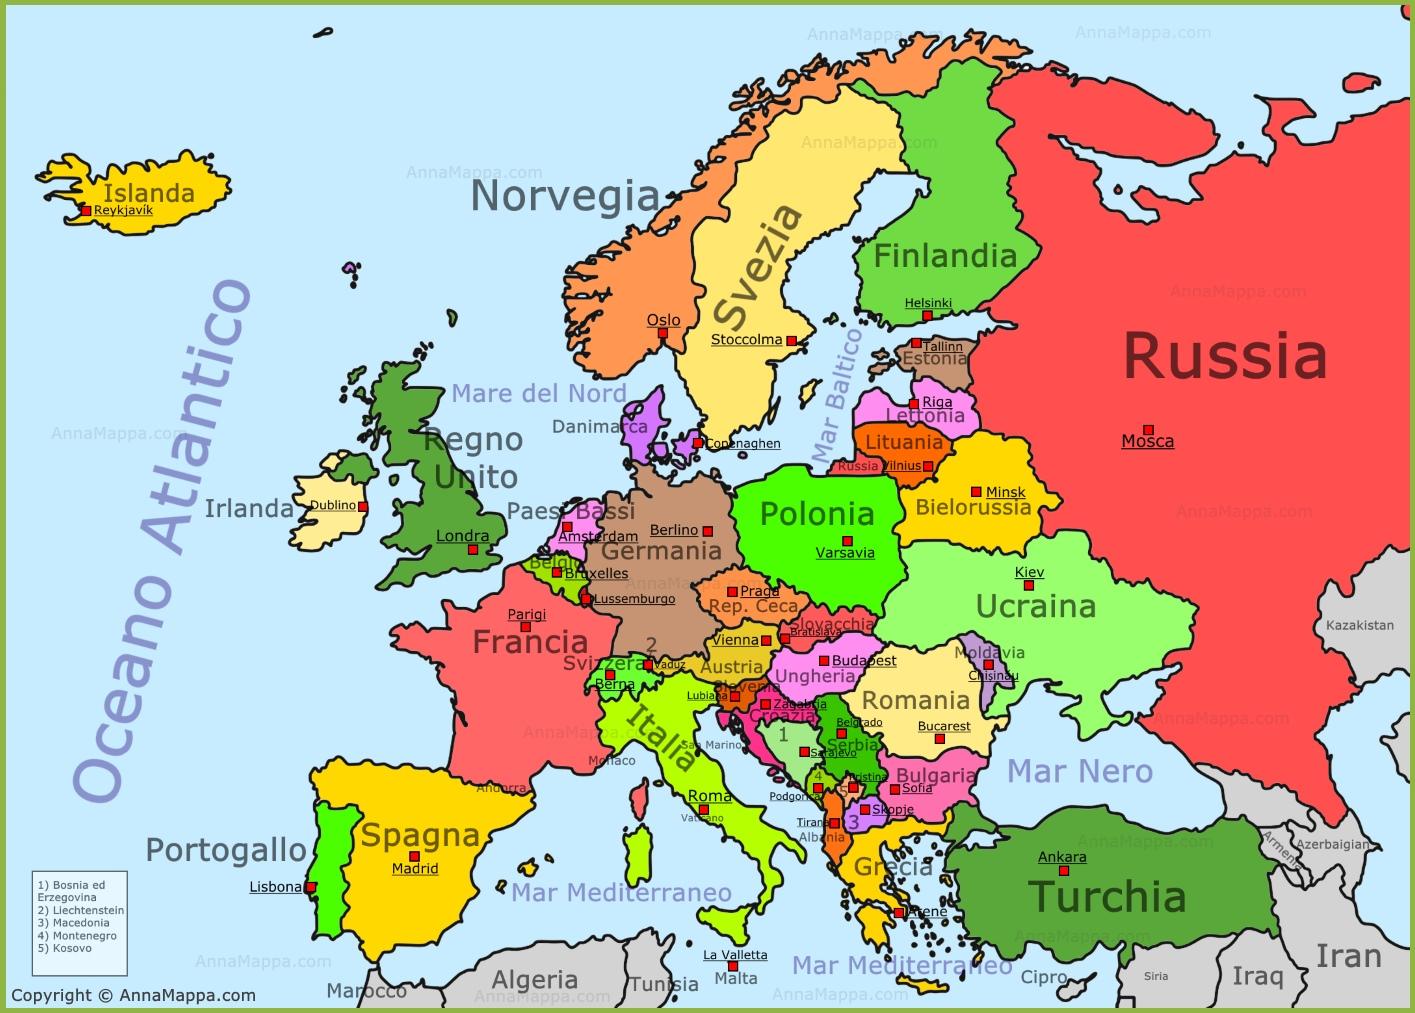 La Cartina Europa.Mappa Europa Cartina Europa Annamappa Com